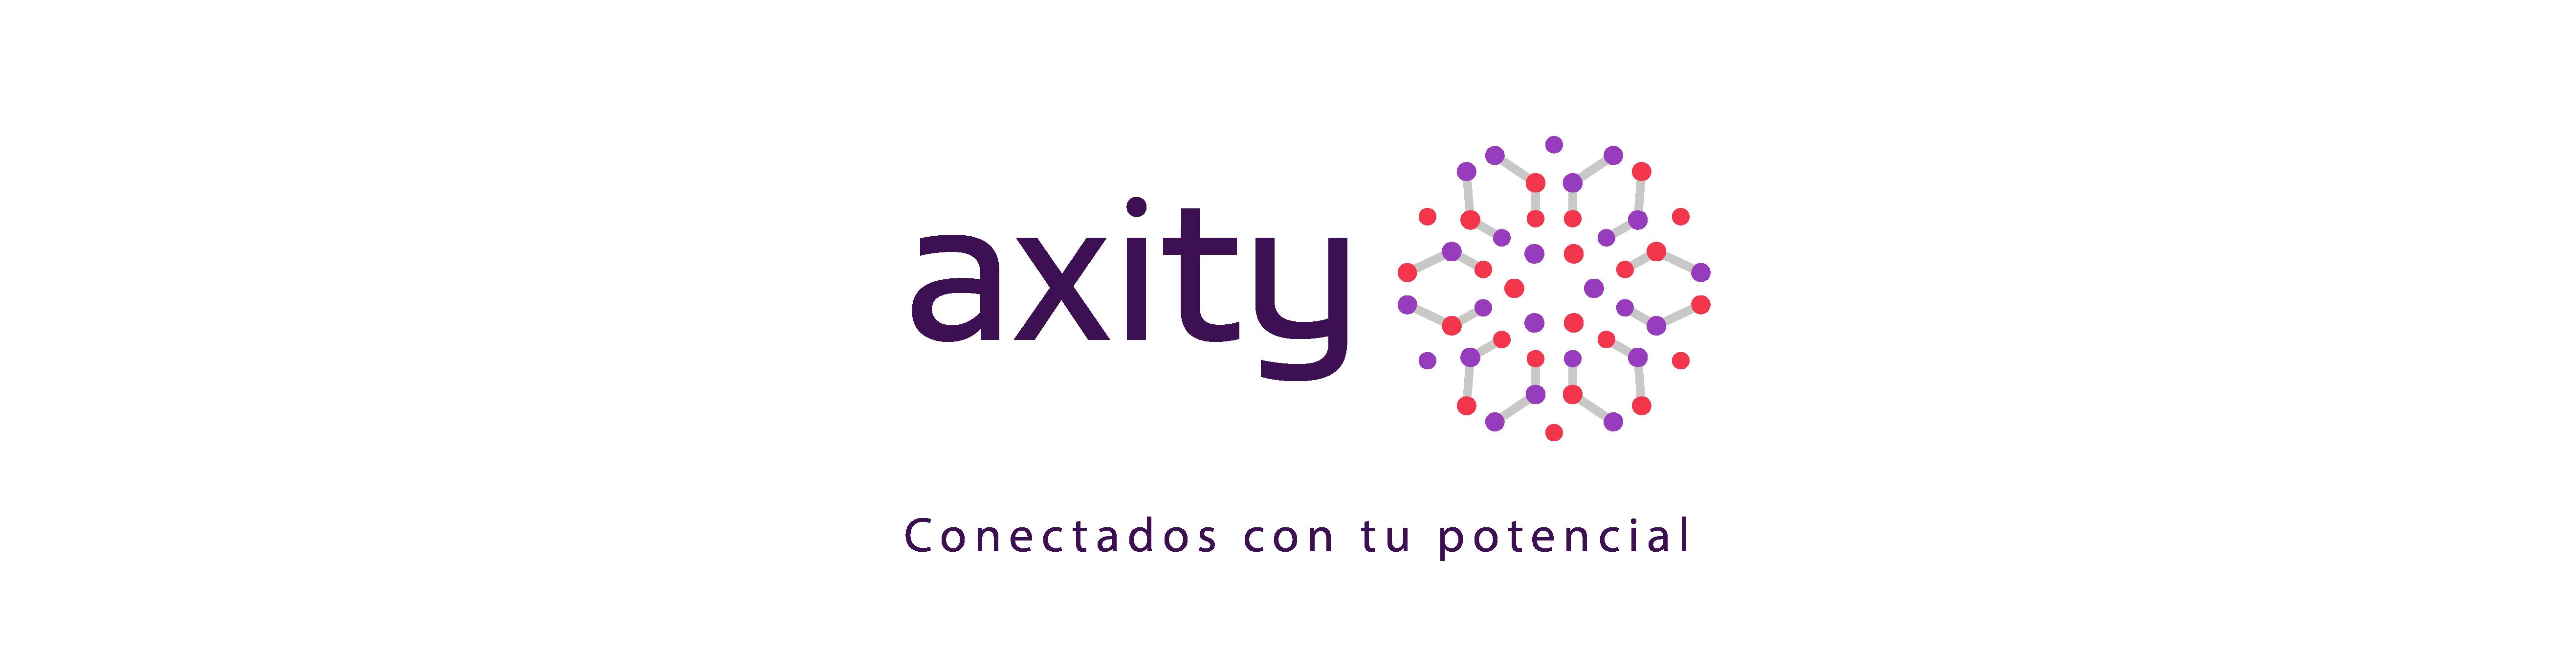 Banner de la empresa Axity